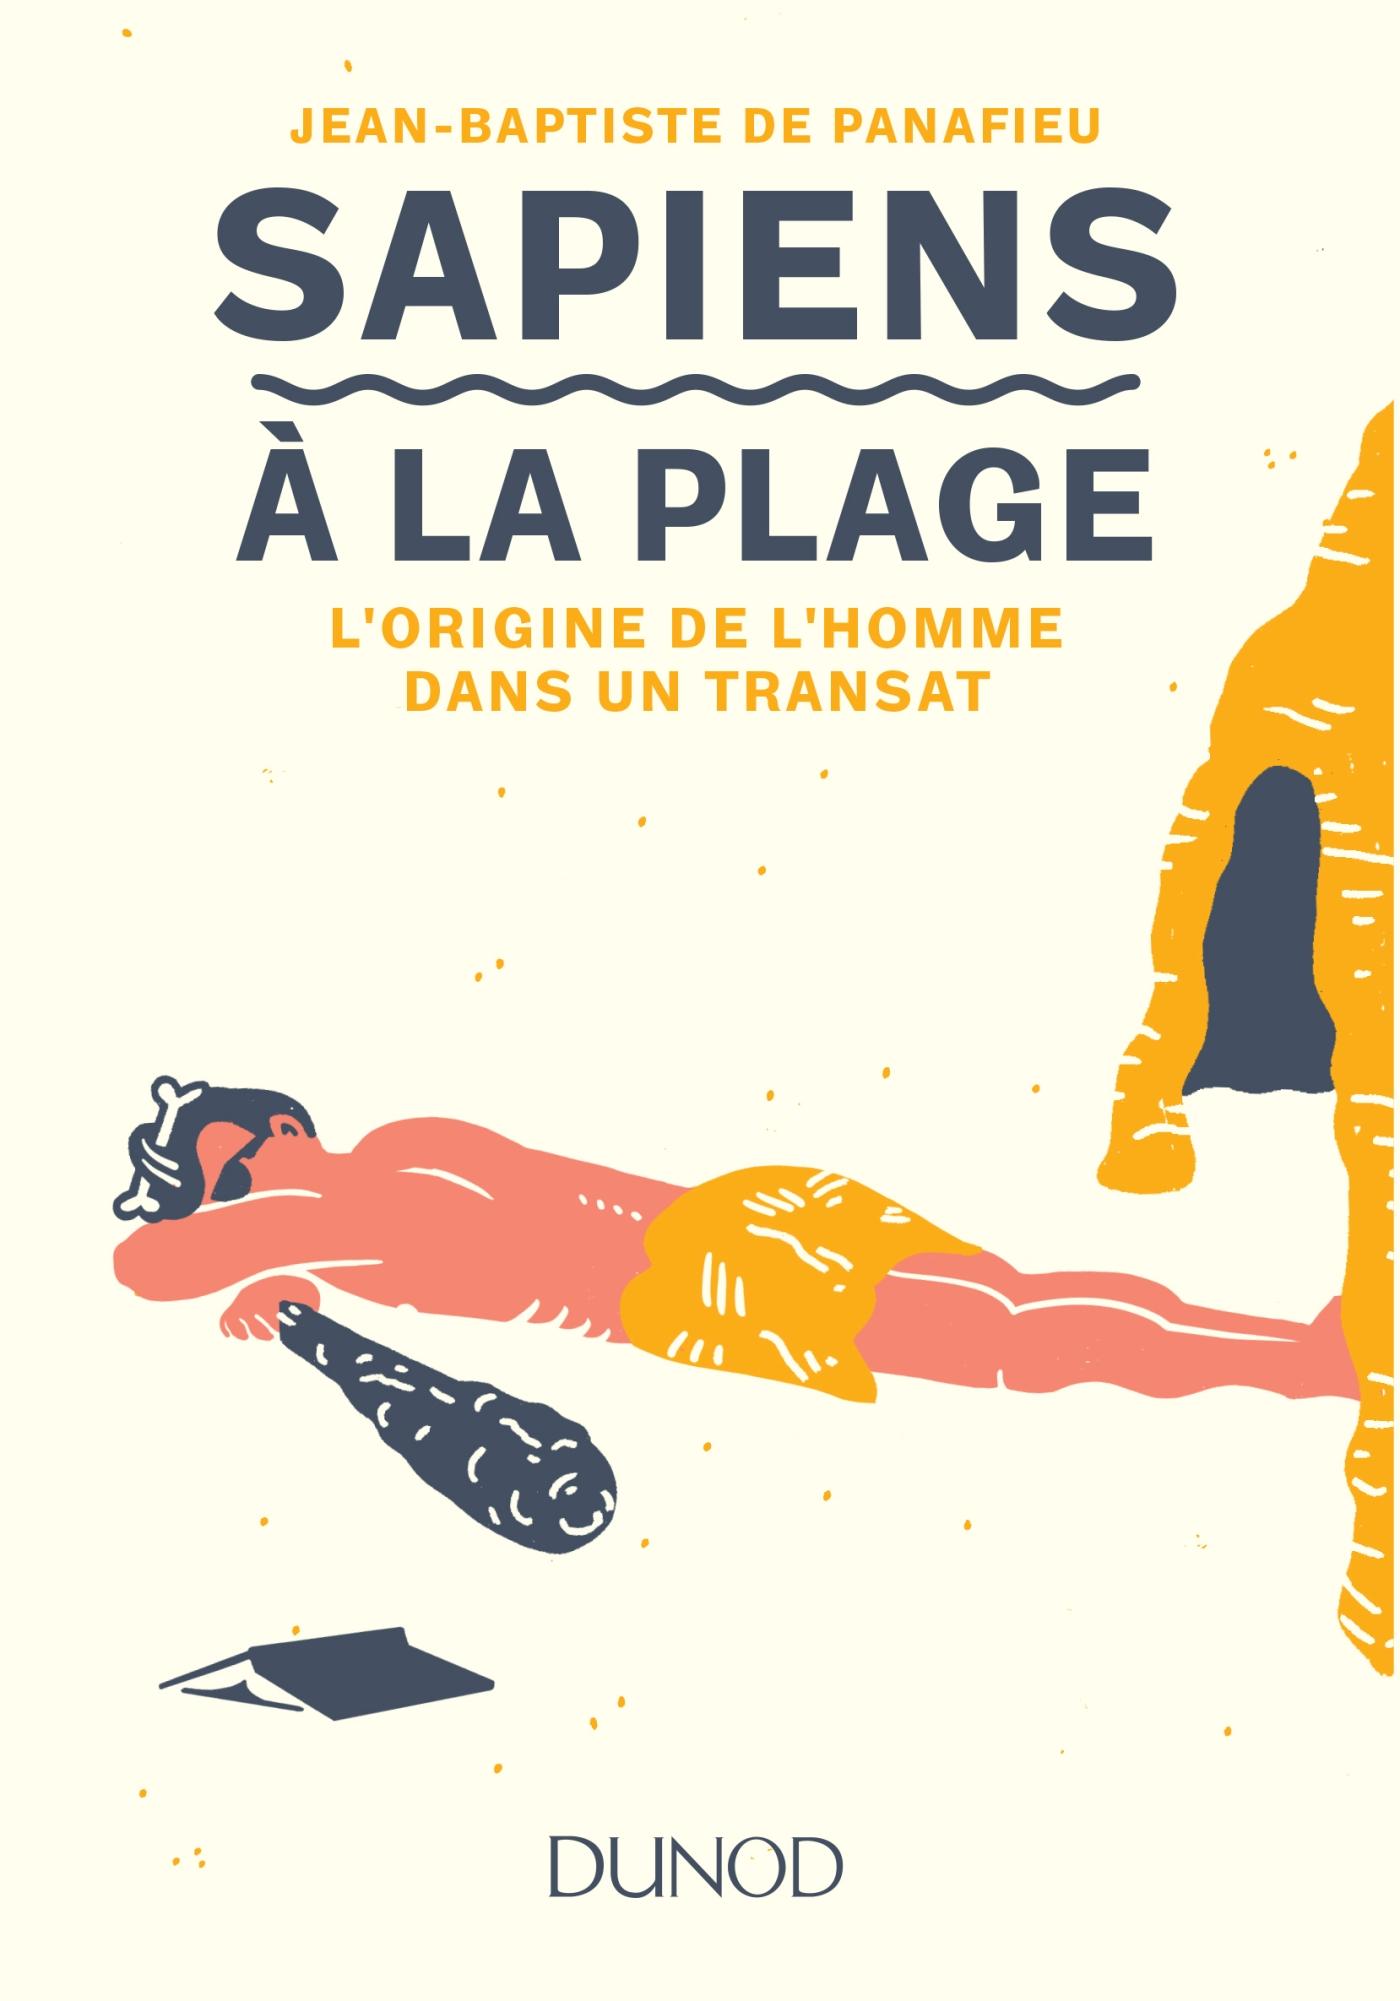 Sapiens à la plage | de Panafieu, Jean-Baptiste. Auteur